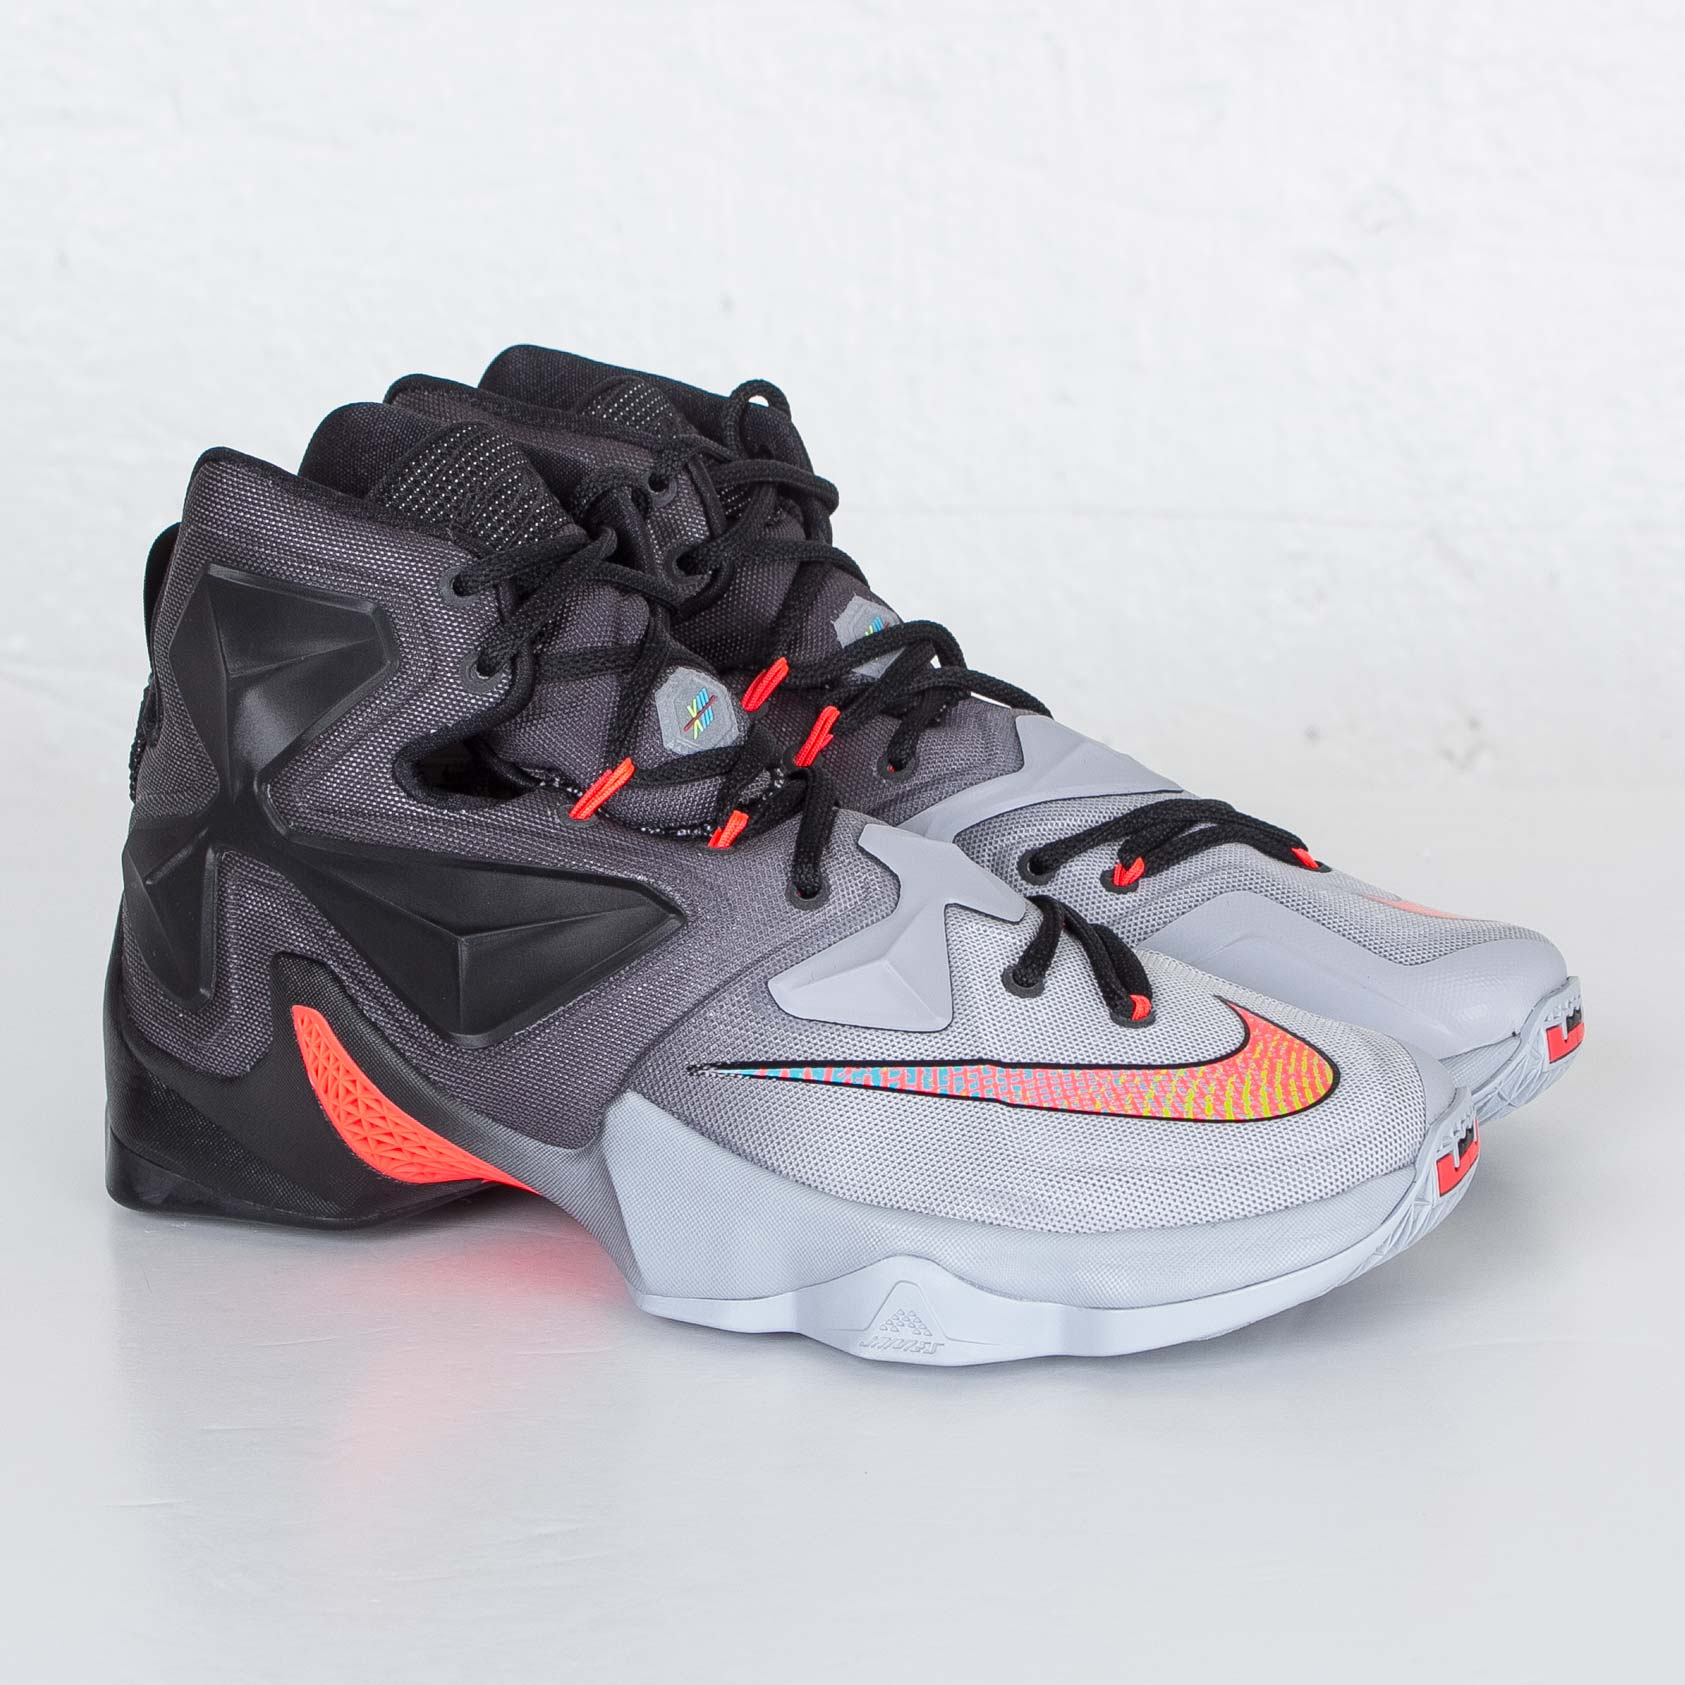 Nike LeBron 13 'On Court'